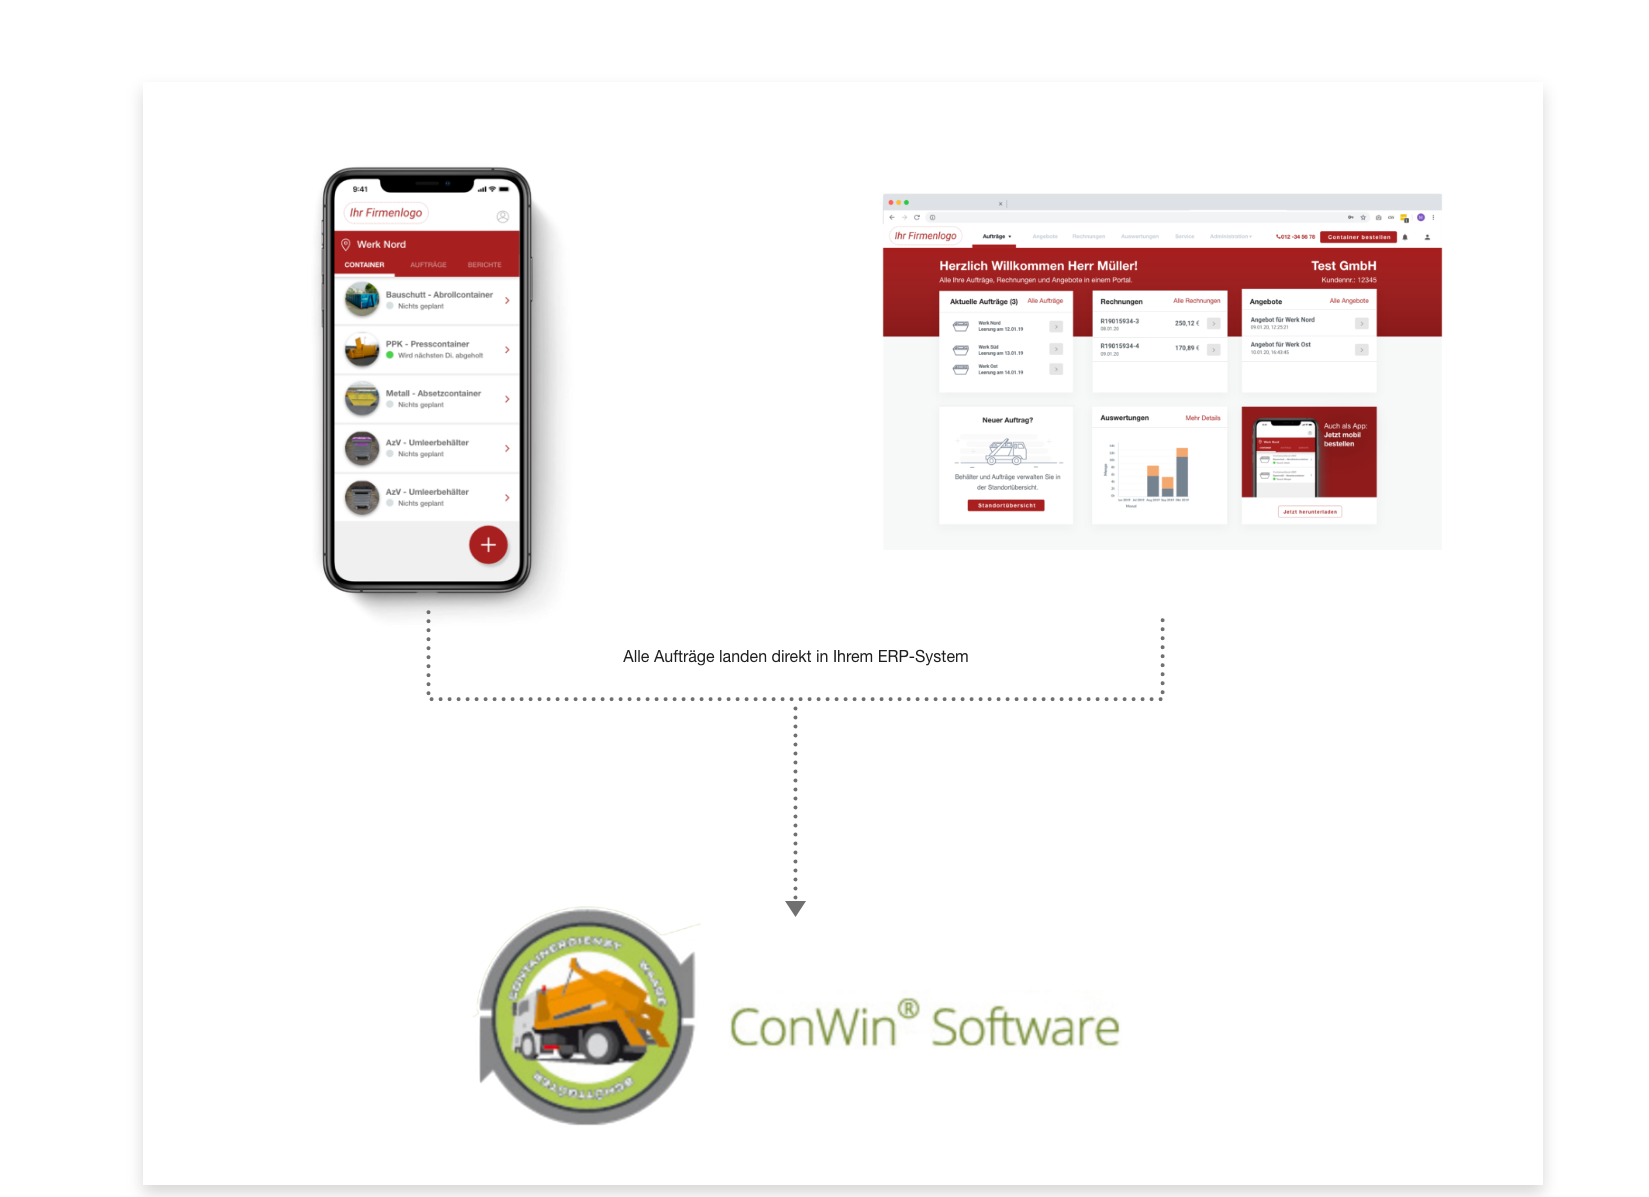 ConWin-Resourcify